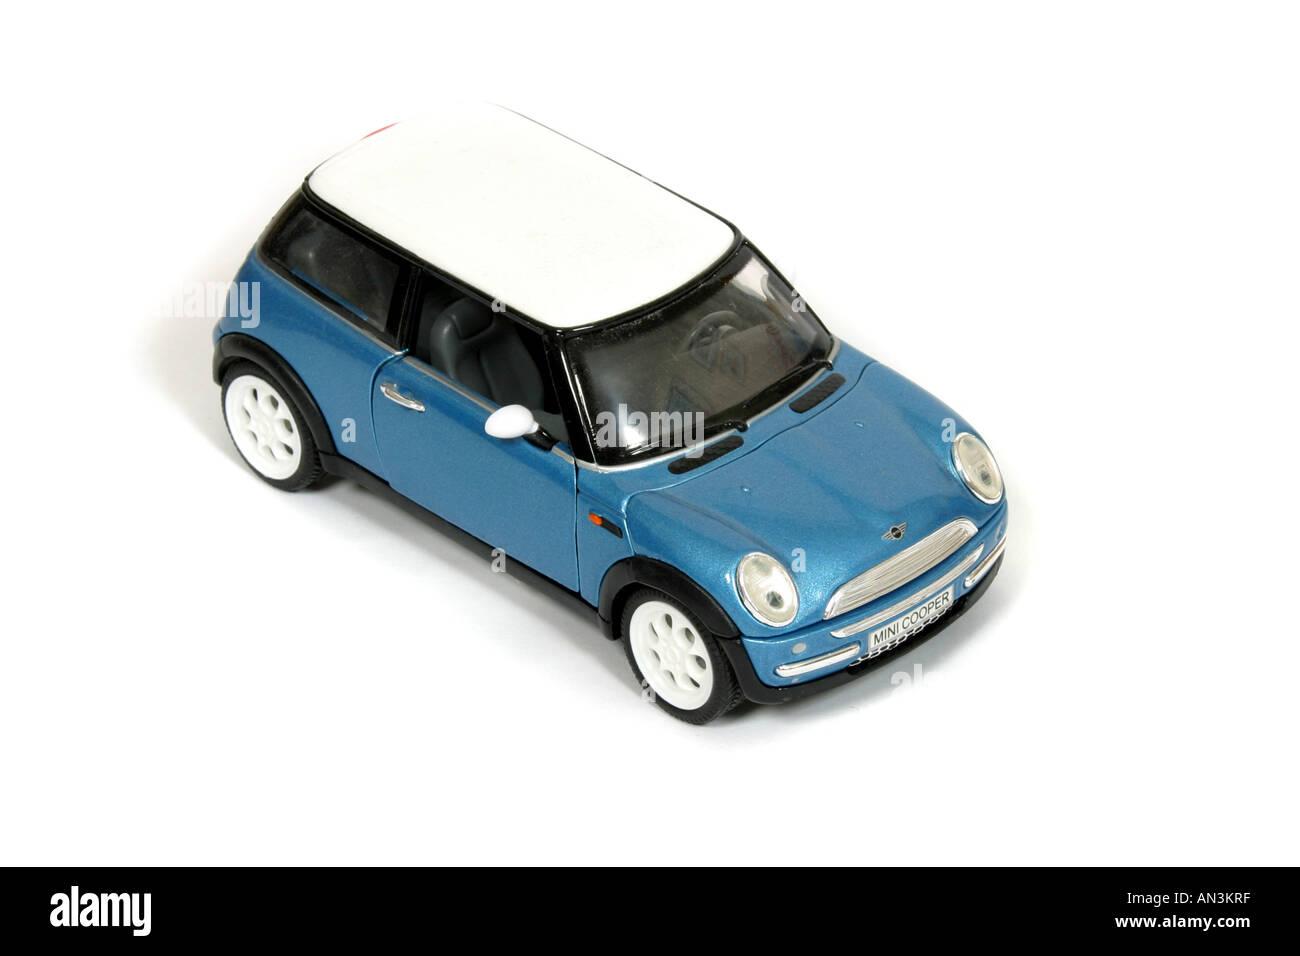 A replica toy Mini Cooper - Stock Image